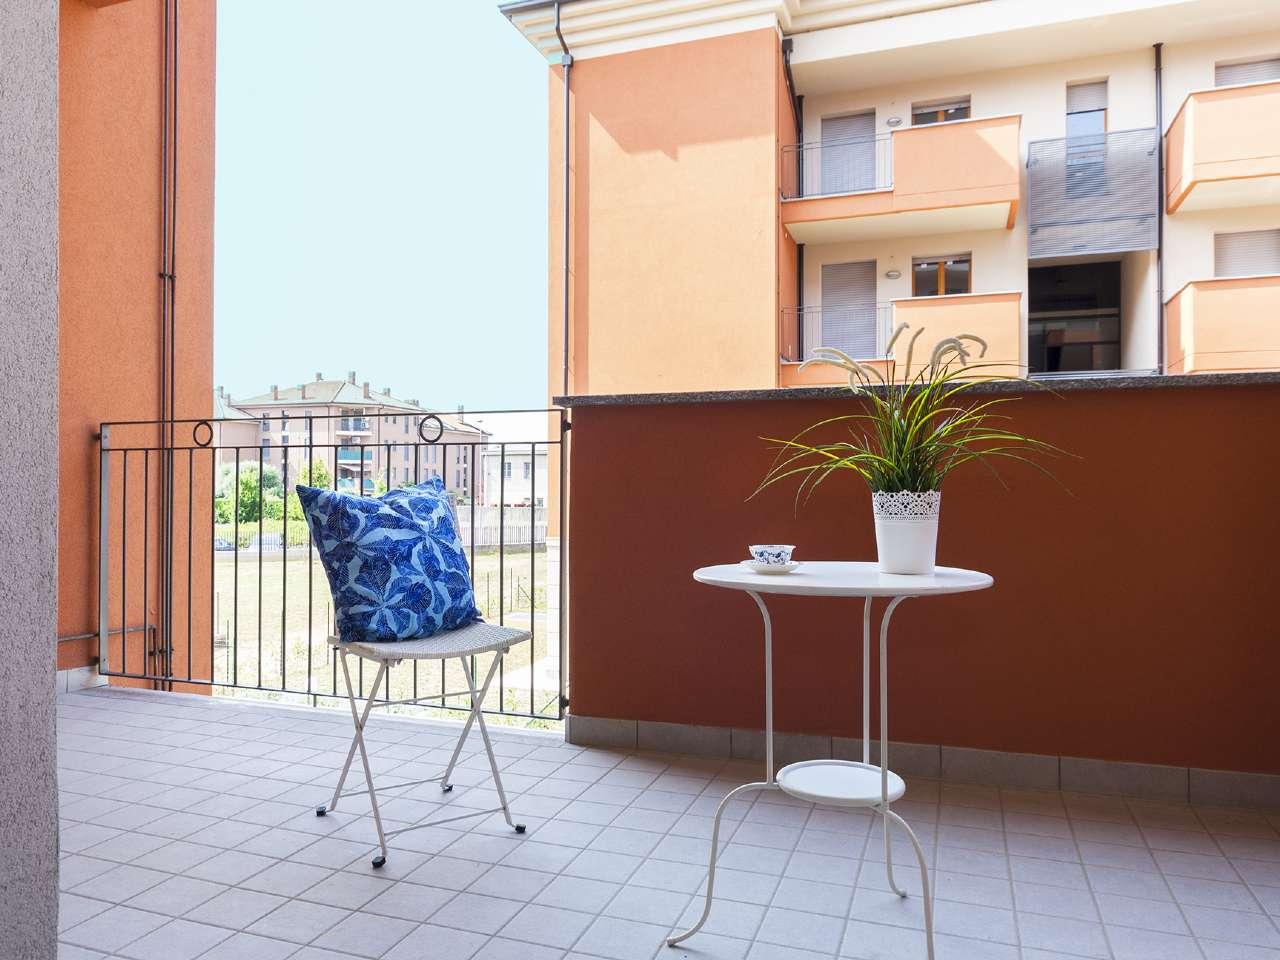 Appartamento in vendita a Sulbiate, 3 locali, prezzo € 146.000 | CambioCasa.it